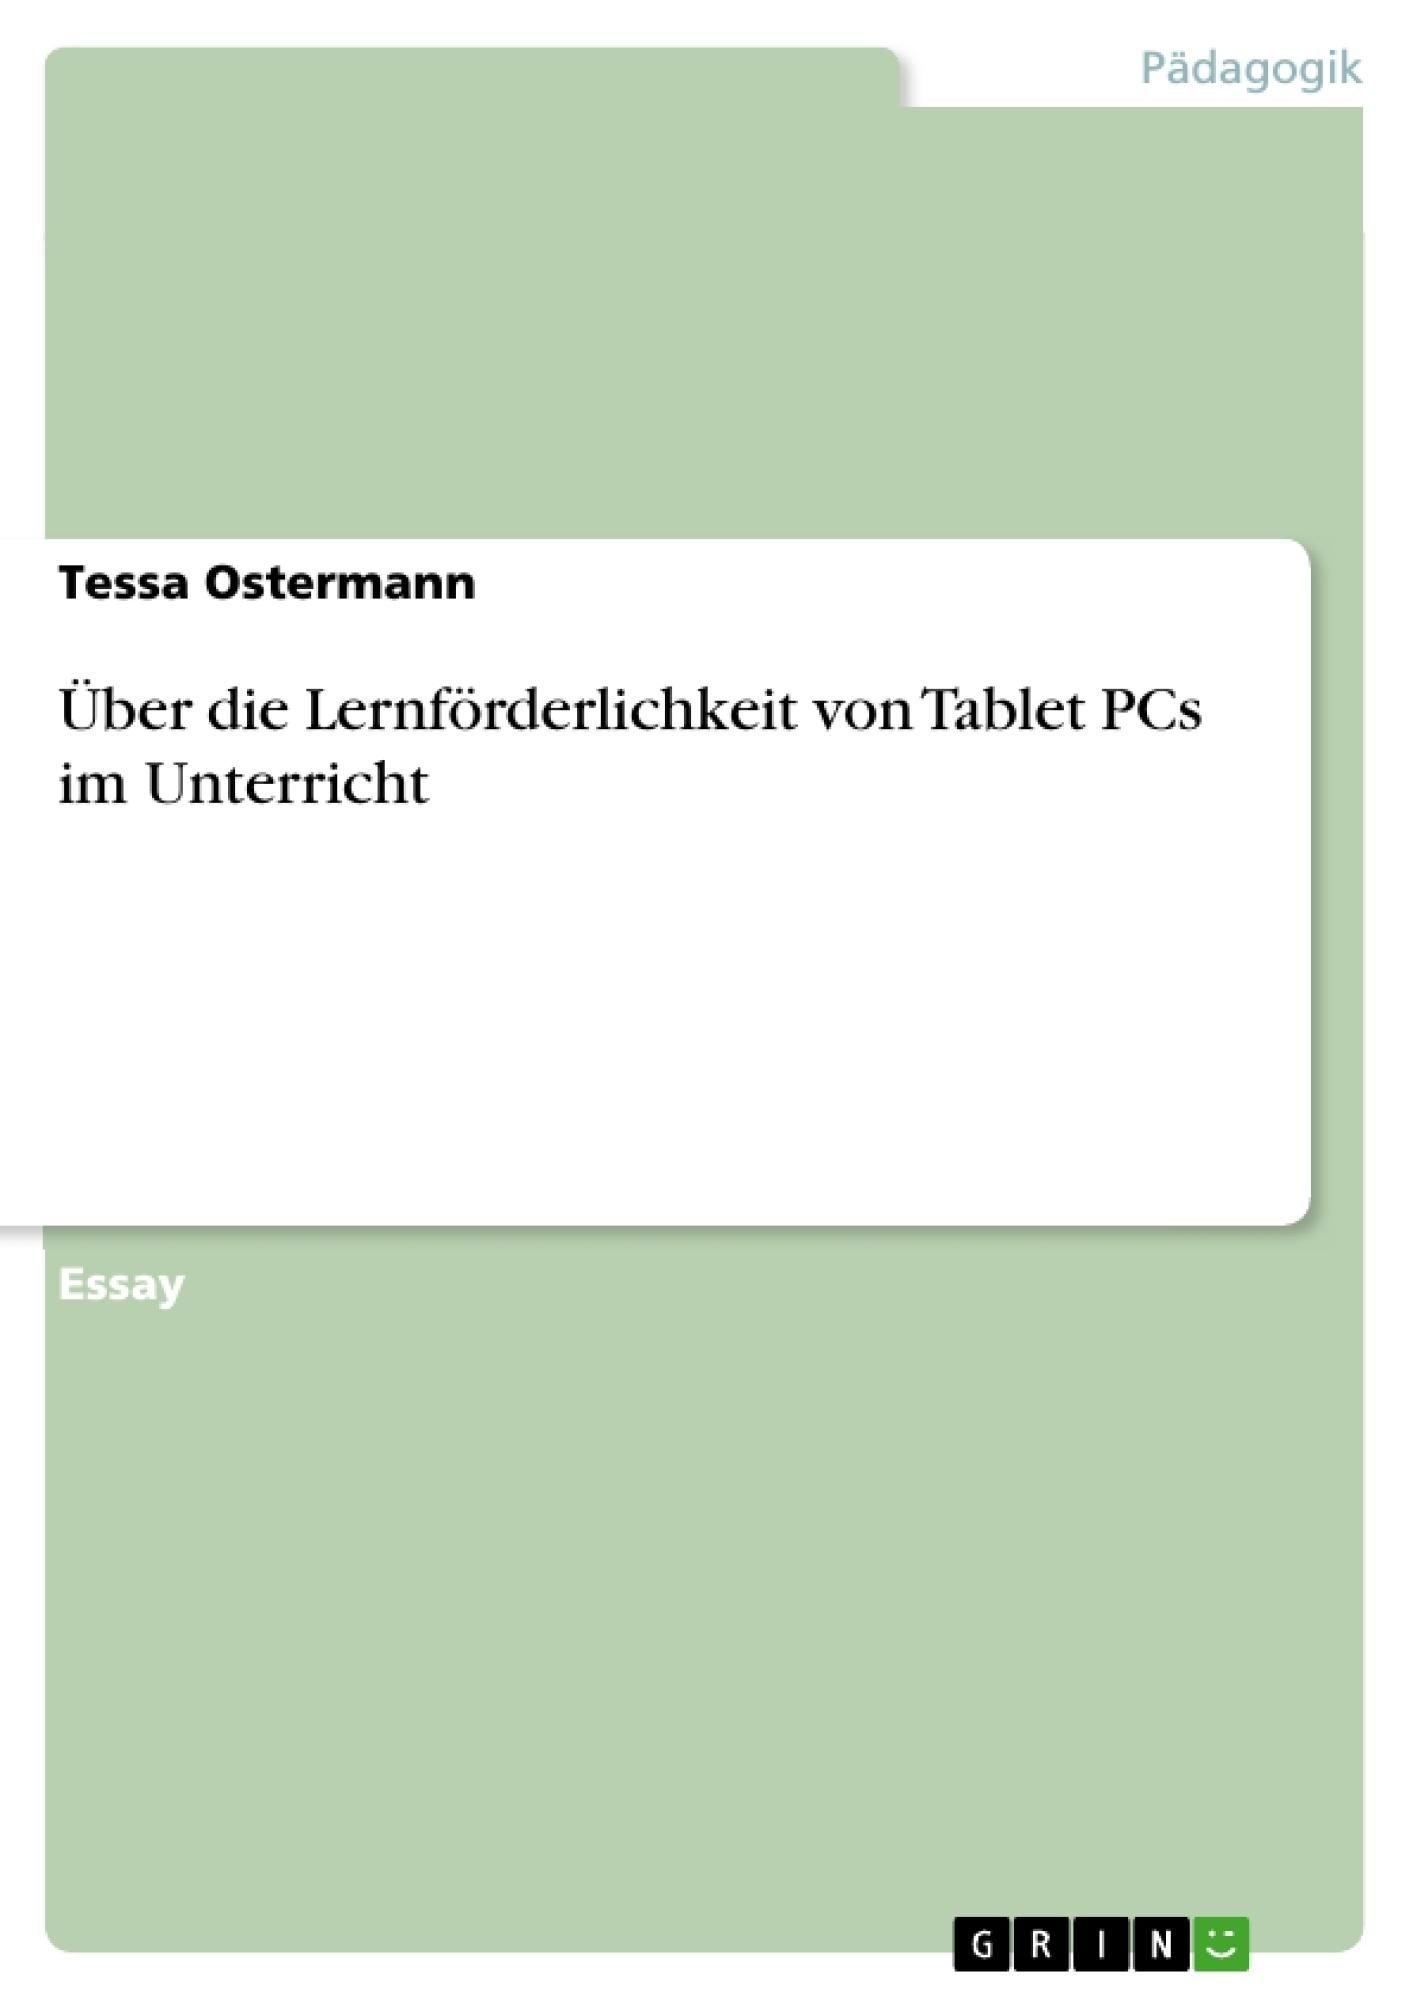 Titel: Über die Lernförderlichkeit von Tablet PCs im Unterricht